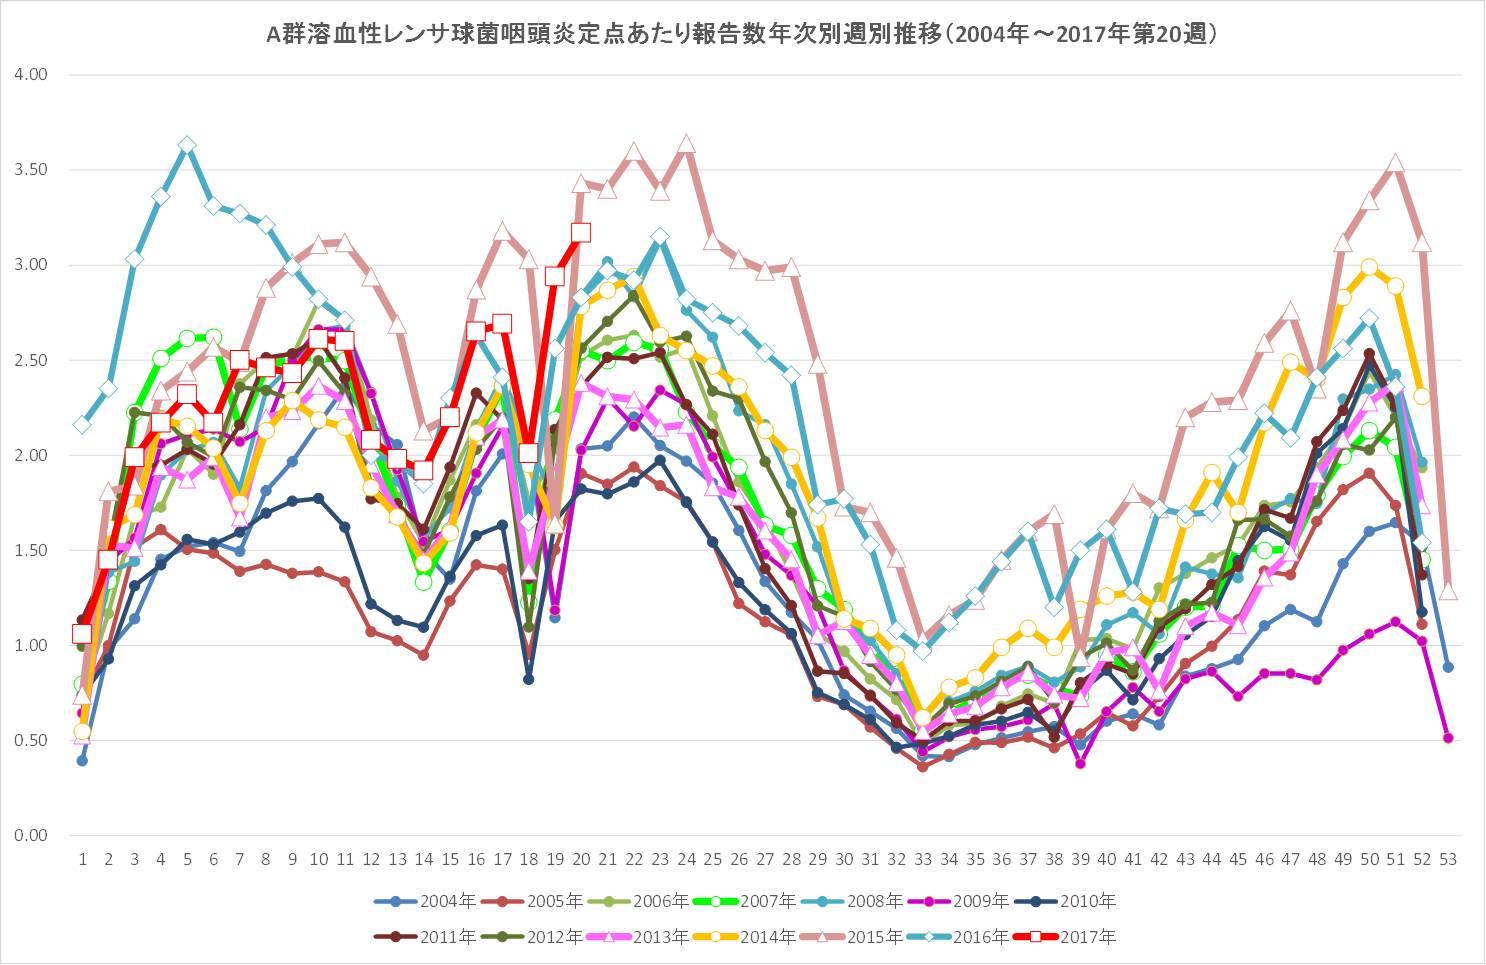 図. 溶連菌感染症感染症<br />定点あたり報告数 年次別週別推移(2017年は第20週まで)